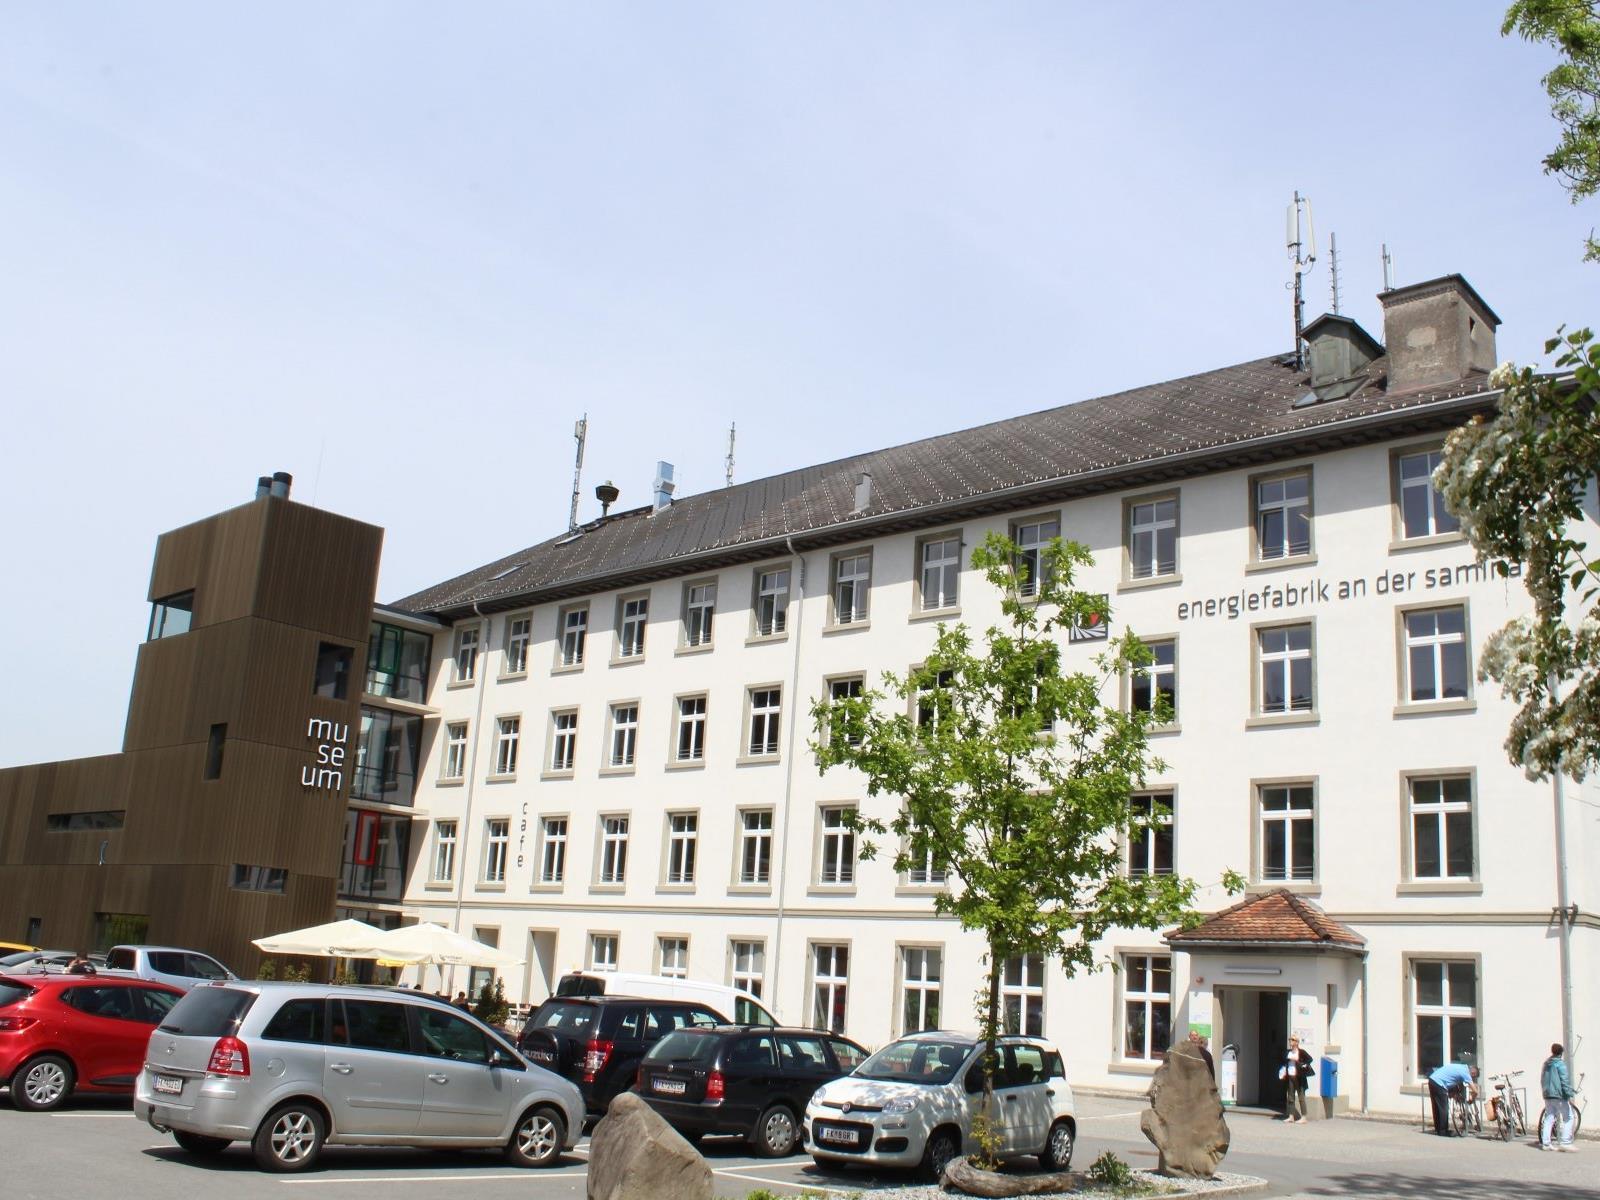 Die Vorarlberger Museumswelt ist ab sofort auch samstagnachmittags geöffnet.